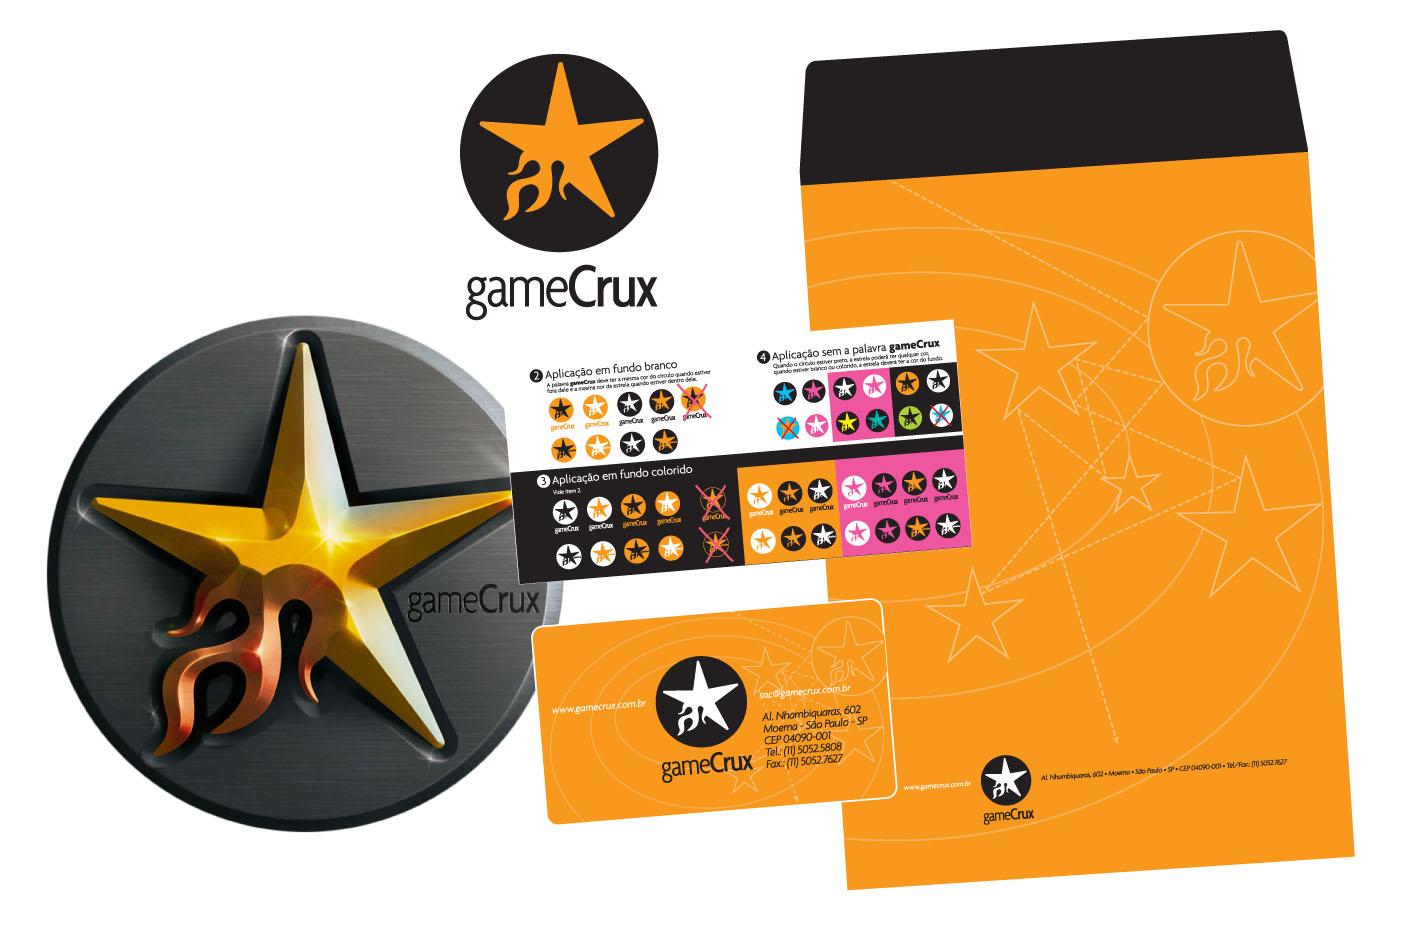 Criação da logomarca e papelaria Gamecrux